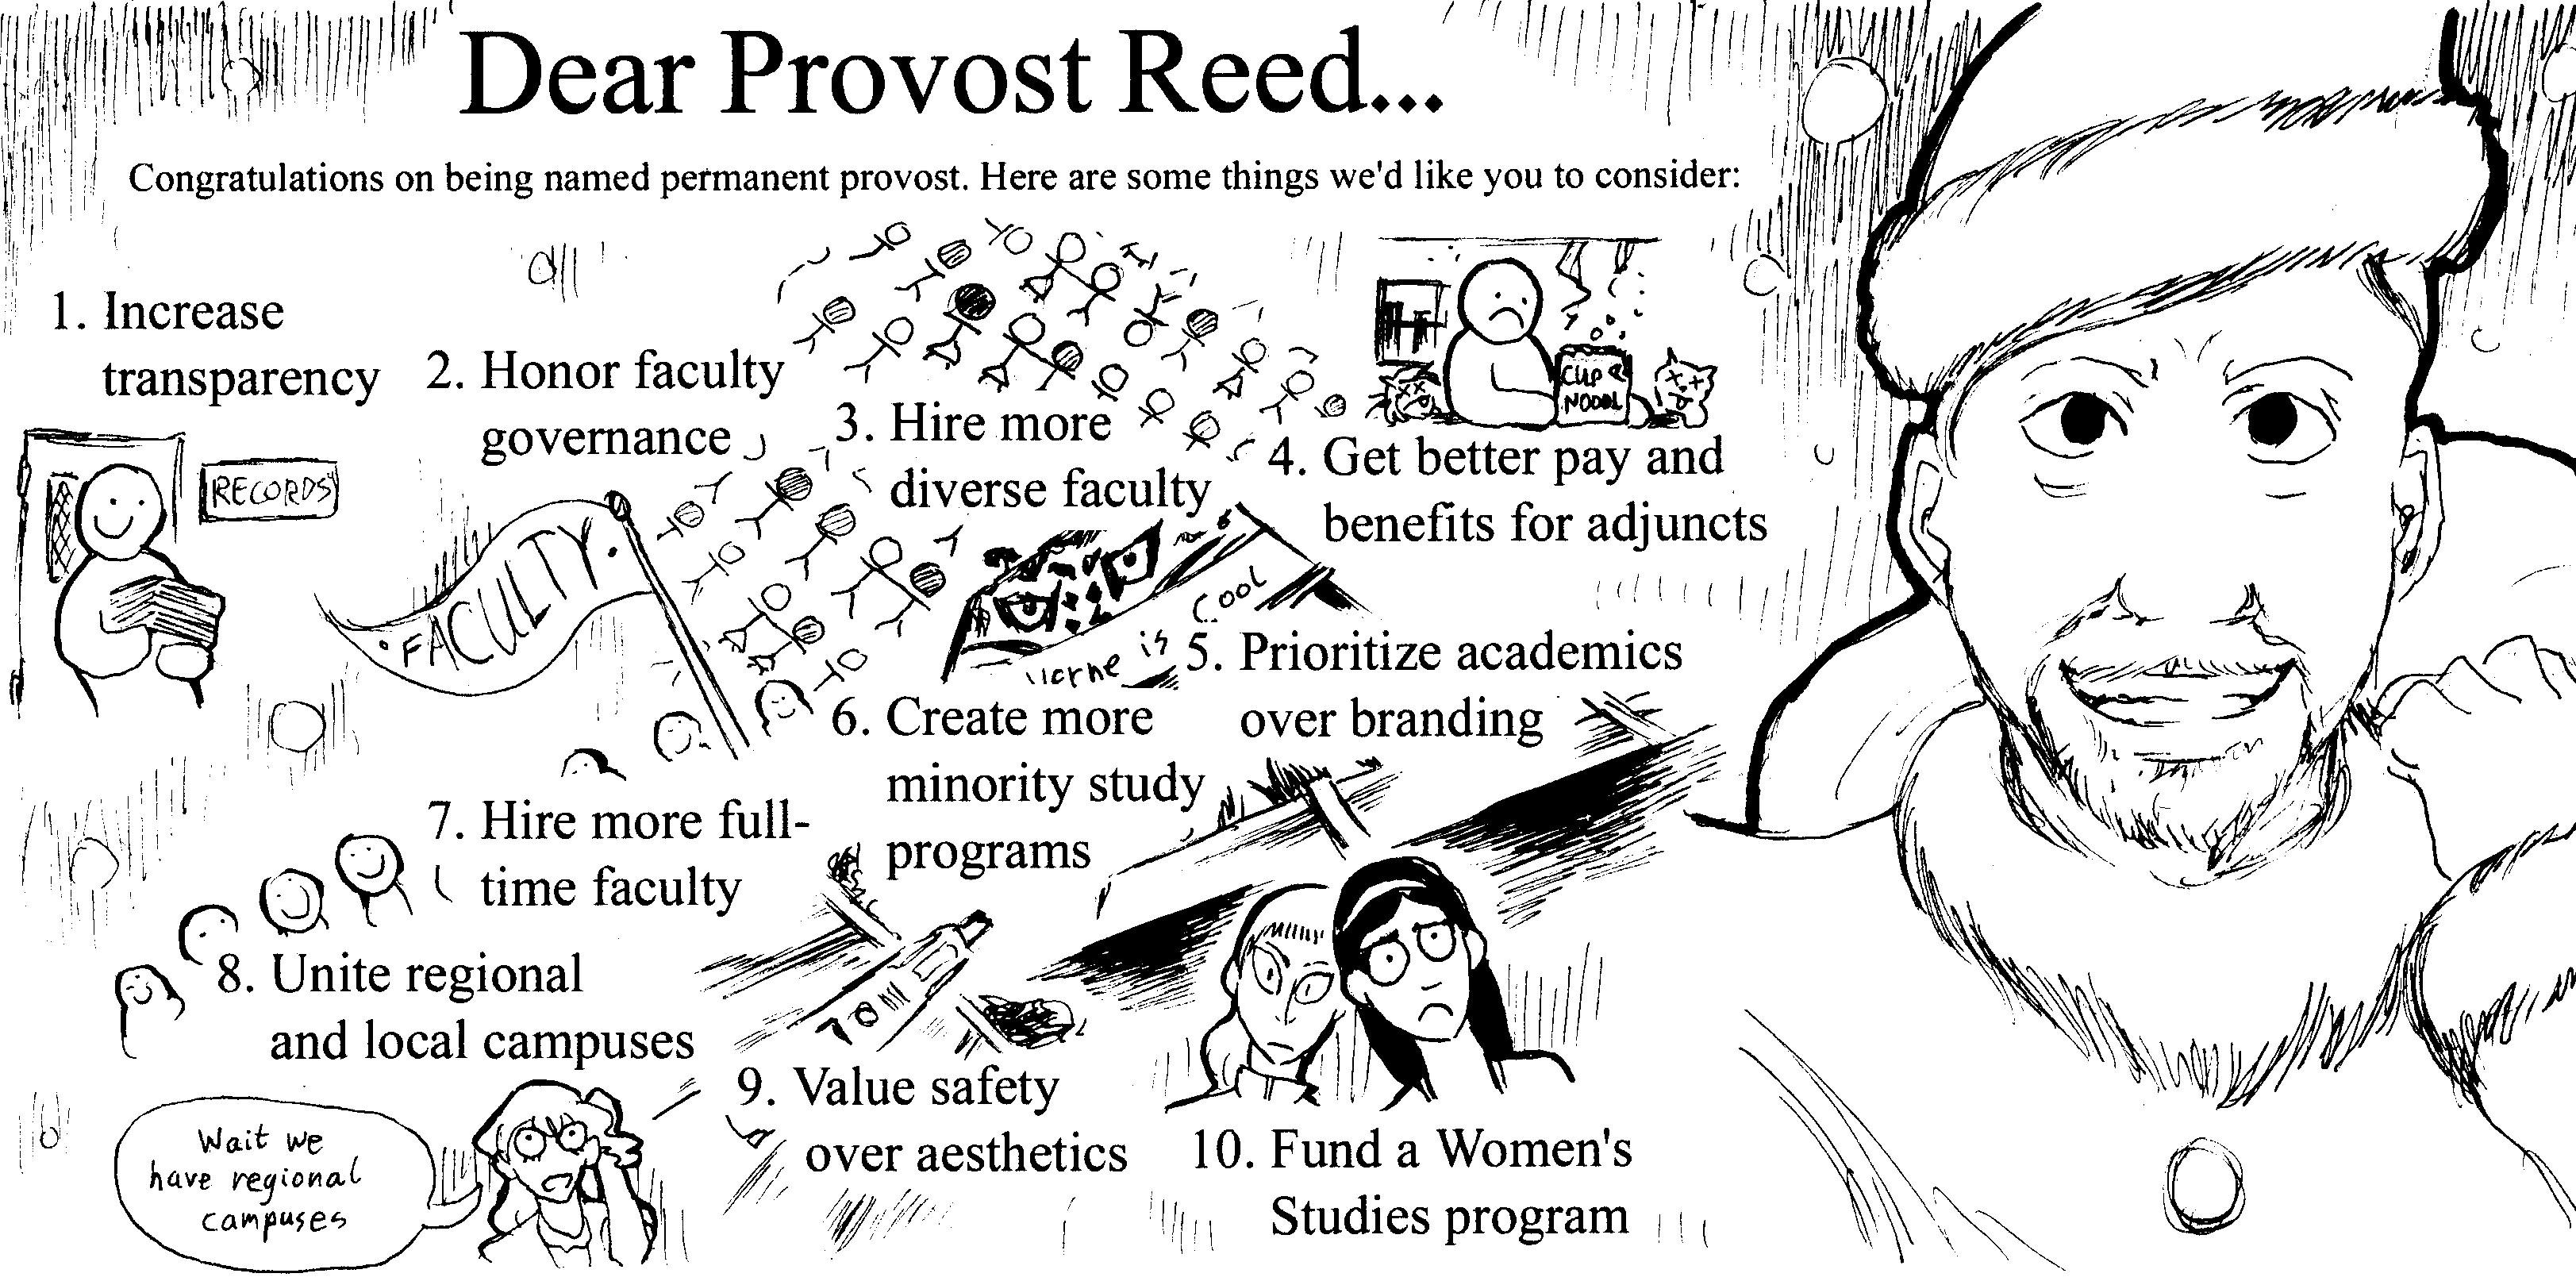 Dear Provost Reed